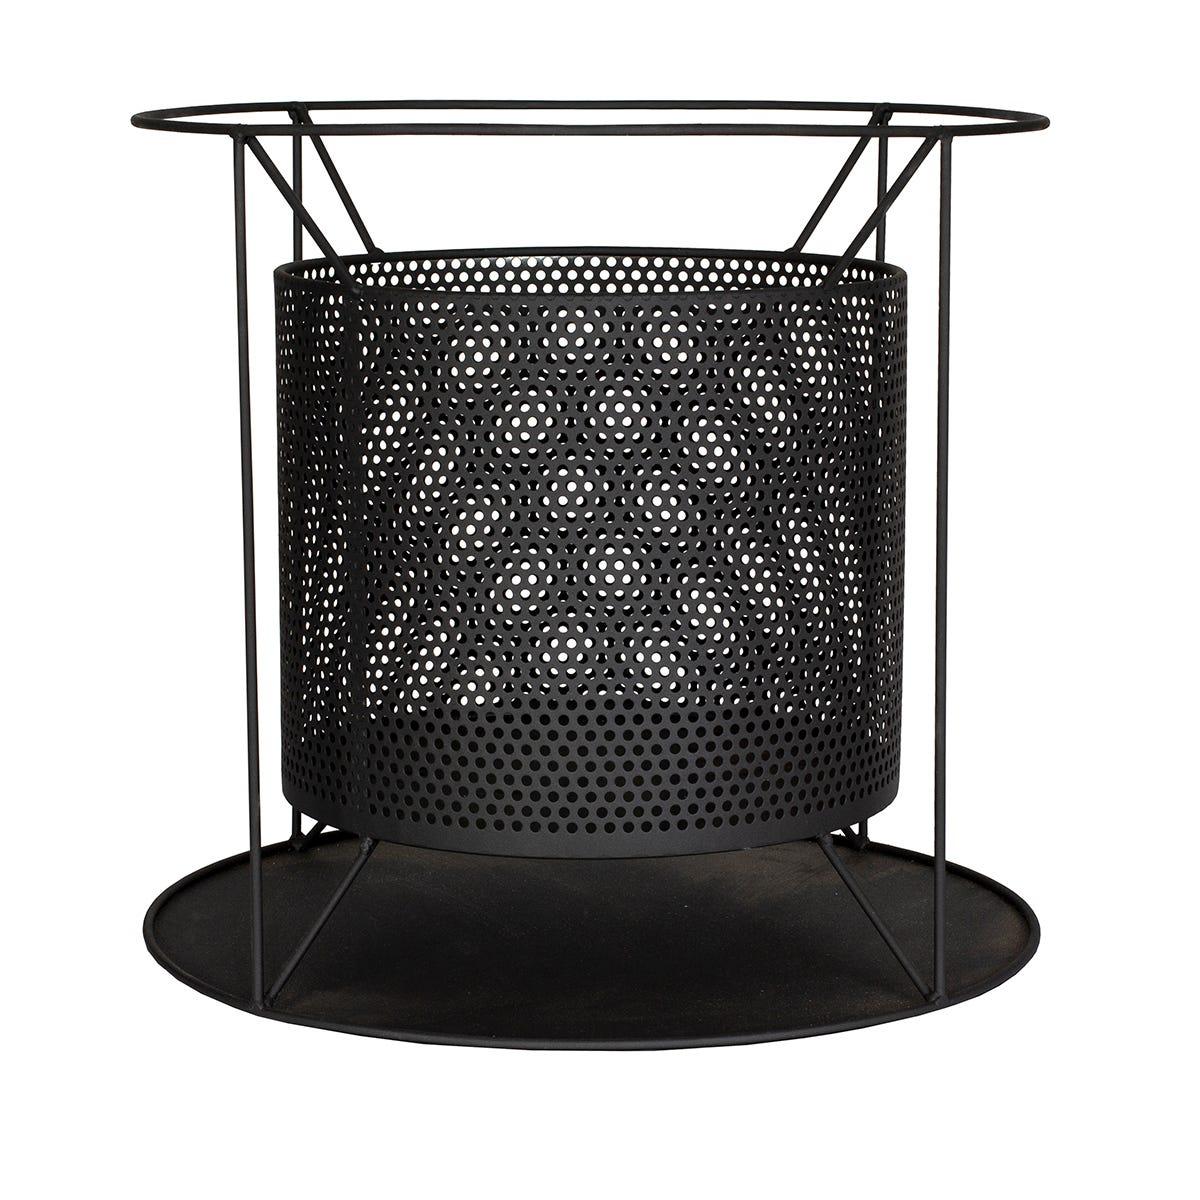 La Hacienda Kora Round Mesh Suspended Fire Basket